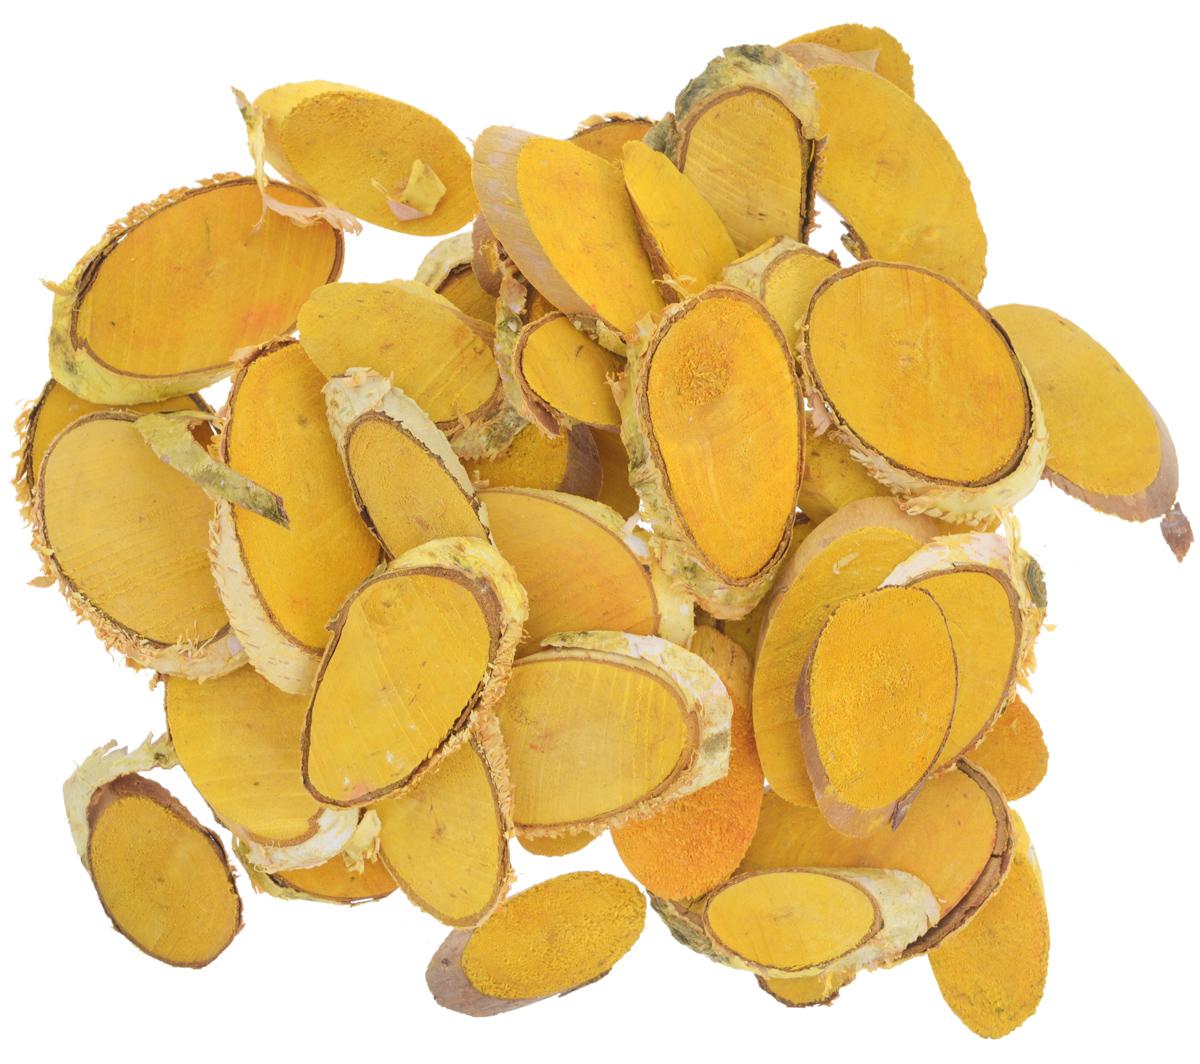 Декоративный элемент Dongjiang Art Срез ветки, цвет: желтый, толщина 7 мм, 250 г7708981_желтыйДекоративный элемент Dongjiang Art Срез ветки изготовлен из дерева. Изделие предназначено для декорирования. Срез может пригодиться во флористике и многом другом. Декоративный элемент представляет собой тонкий срез ветки. Флористика - вид декоративно-прикладного искусства, который использует живые, засушенные или консервированные природные материалы для создания флористических работ. Это целый мир, в котором есть место и строгому математическому расчету, и вдохновению, полету фантазии. Толщина среза: 7 мм.